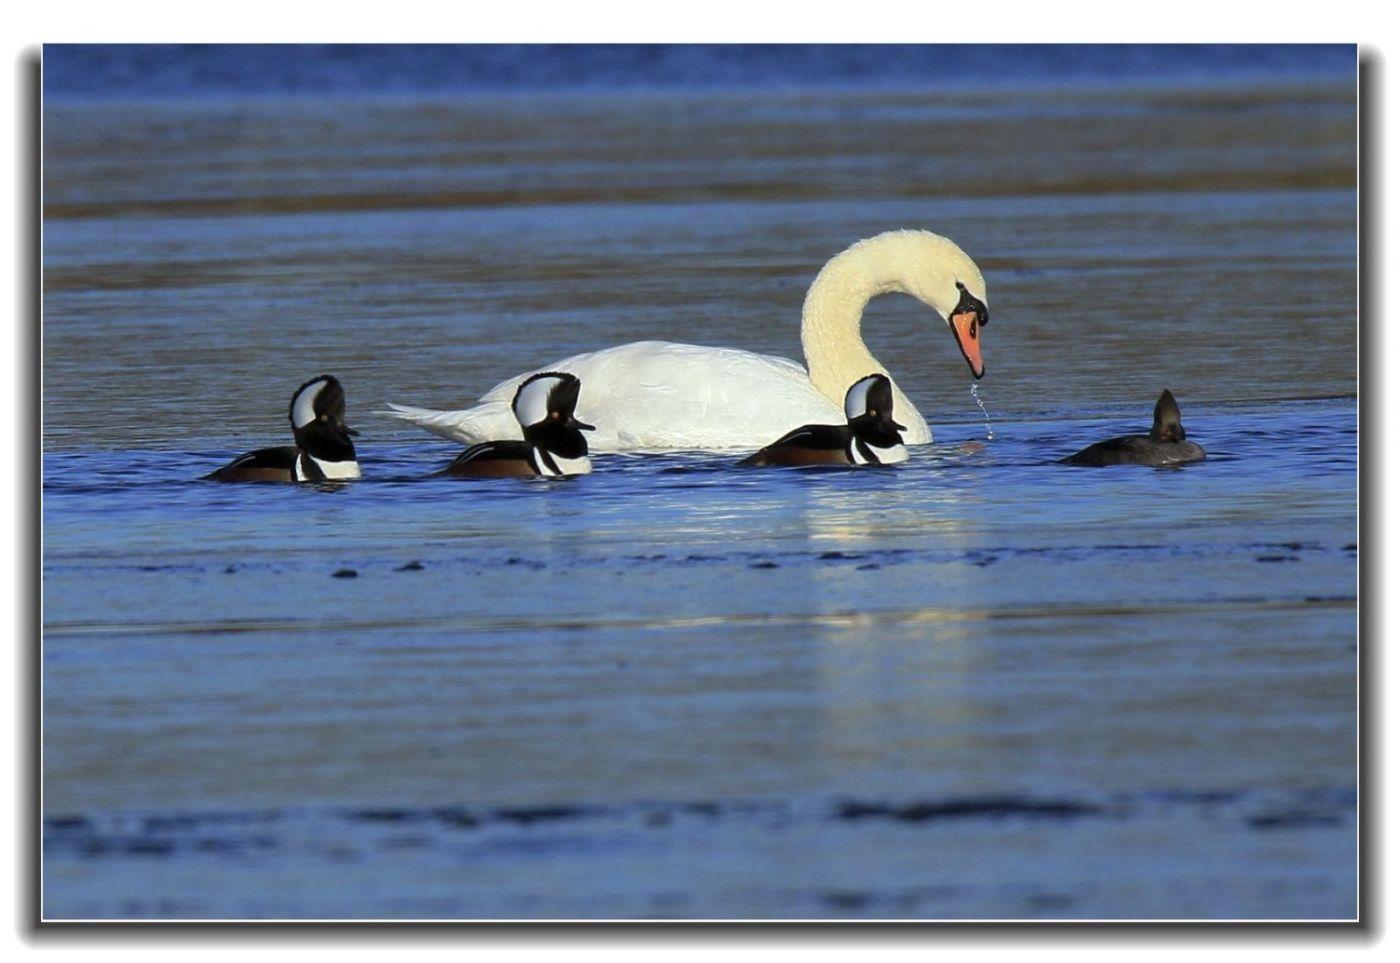 牙买加野生动物保护区拍天鹅及水鸟_图1-1